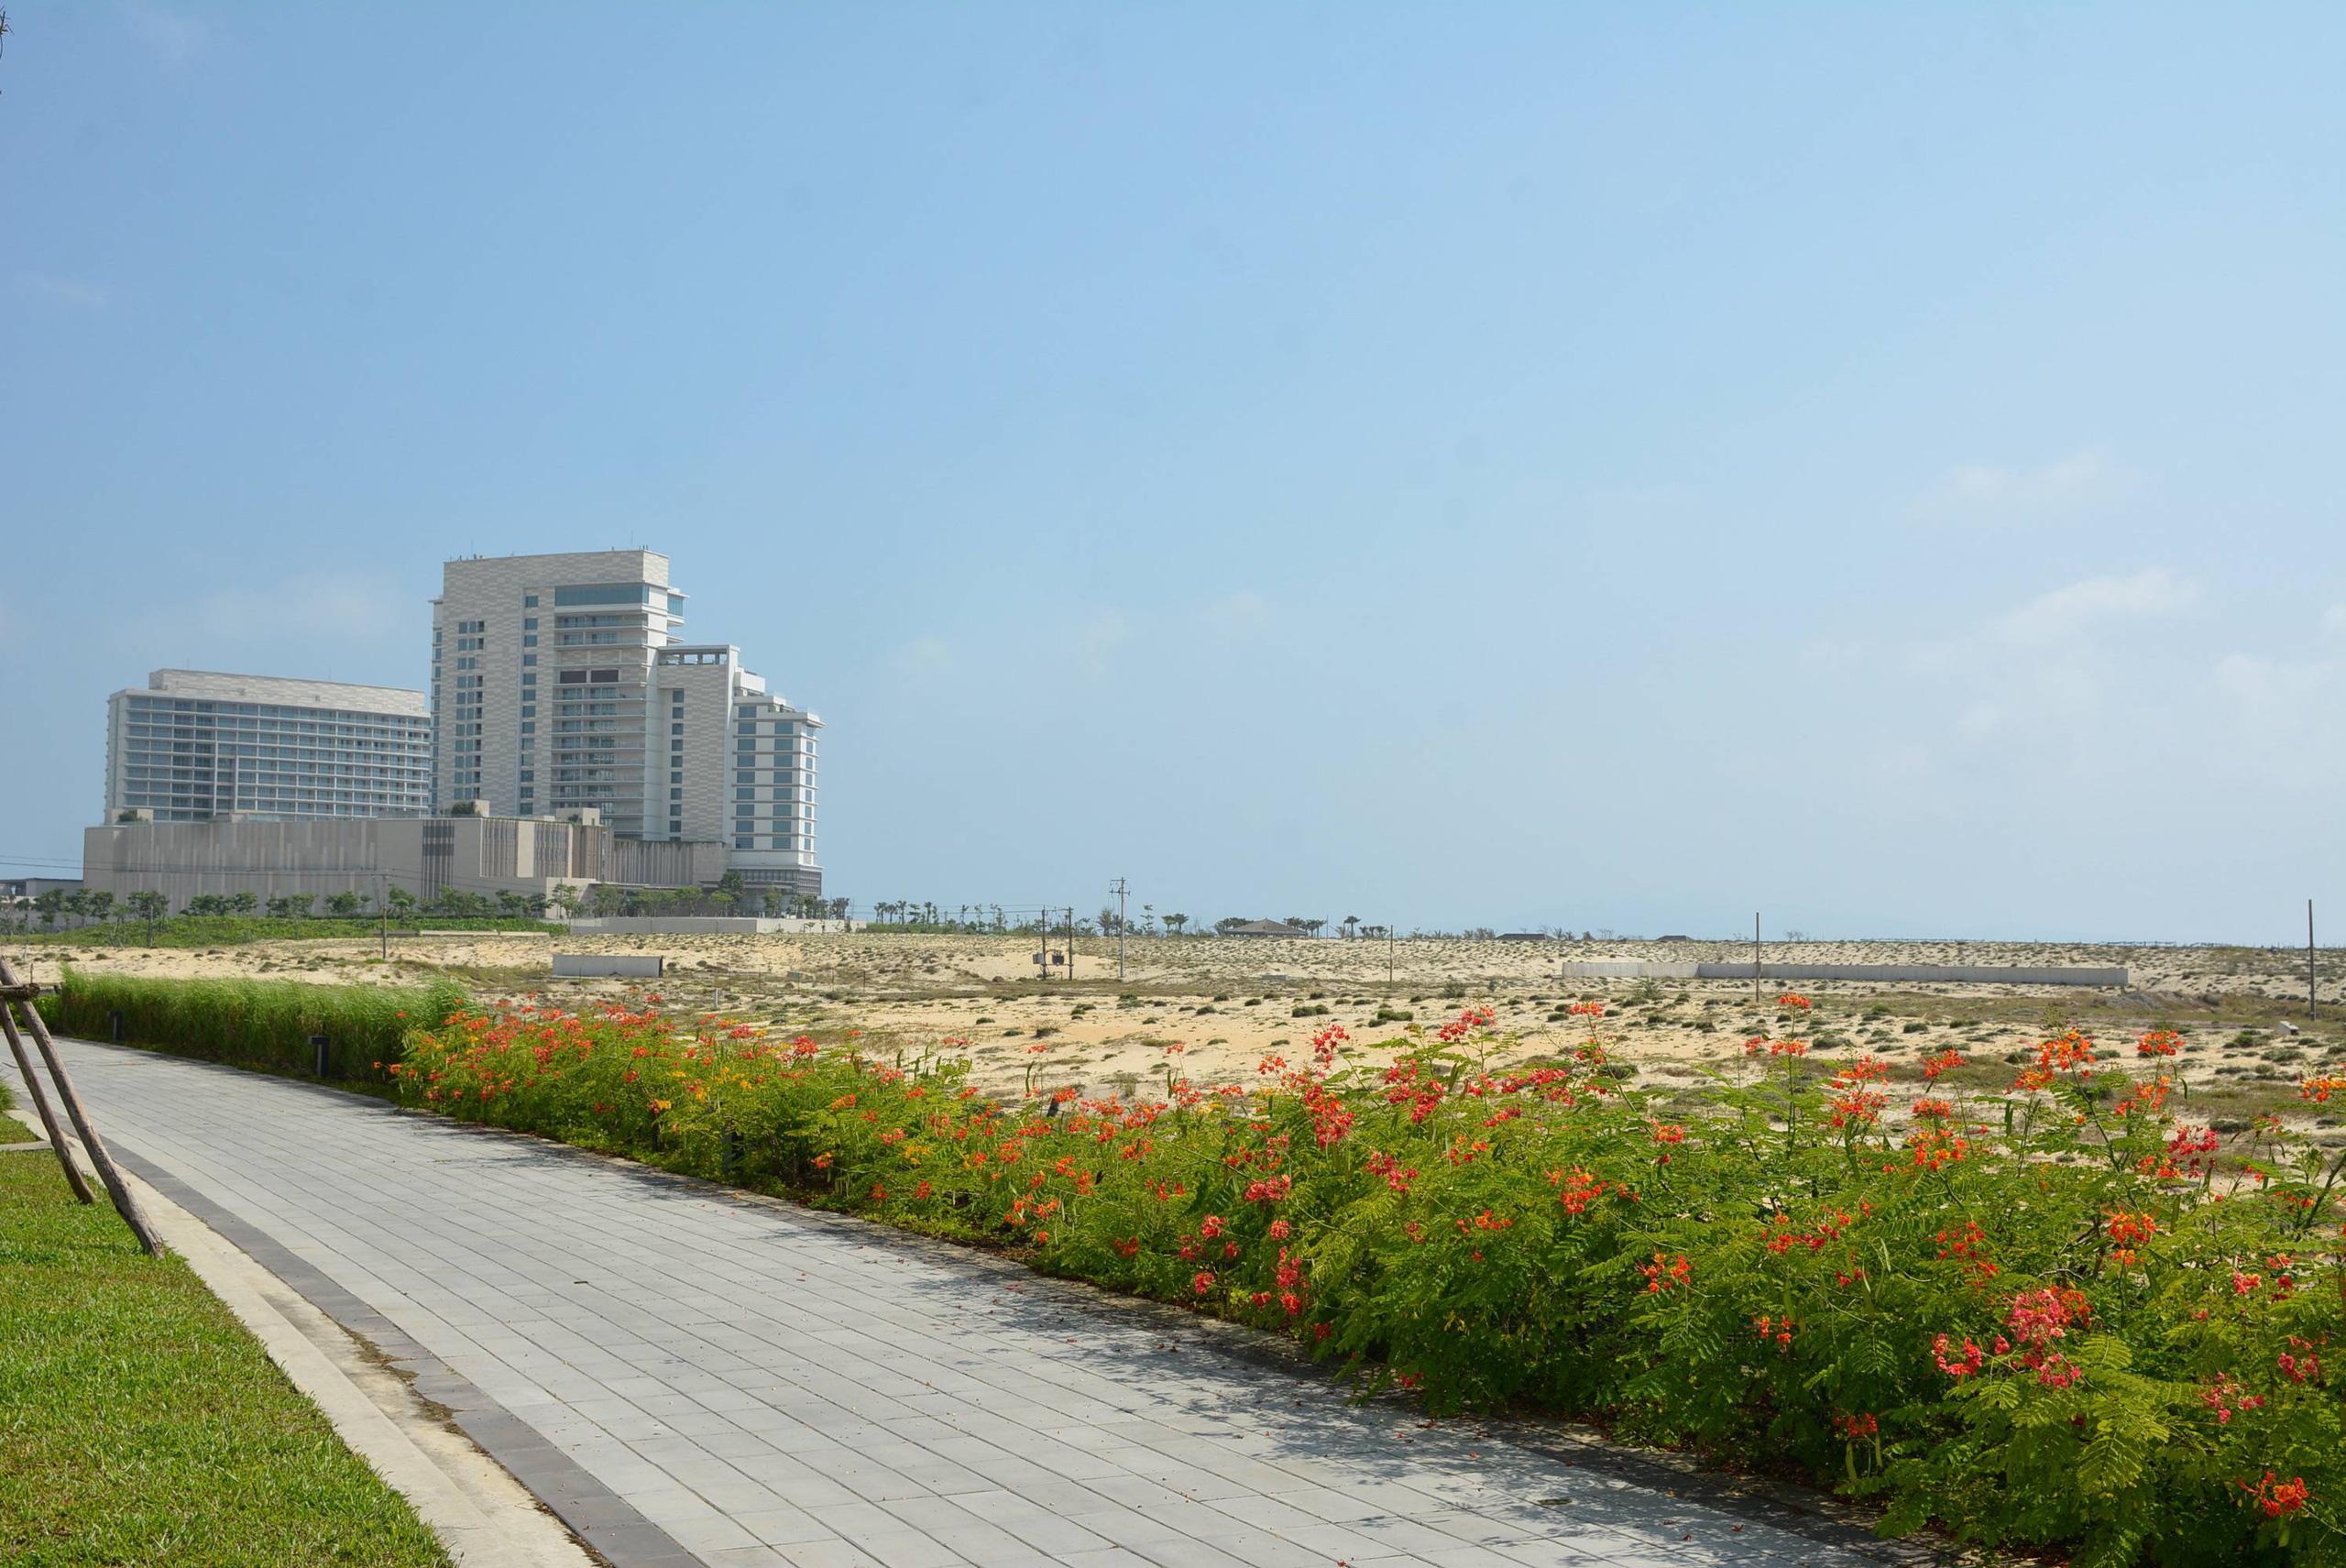 Con đường ở Quảng Nam có nhiều dự án du lịch, bất động sản nghìn tỷ đồng - Ảnh 14.